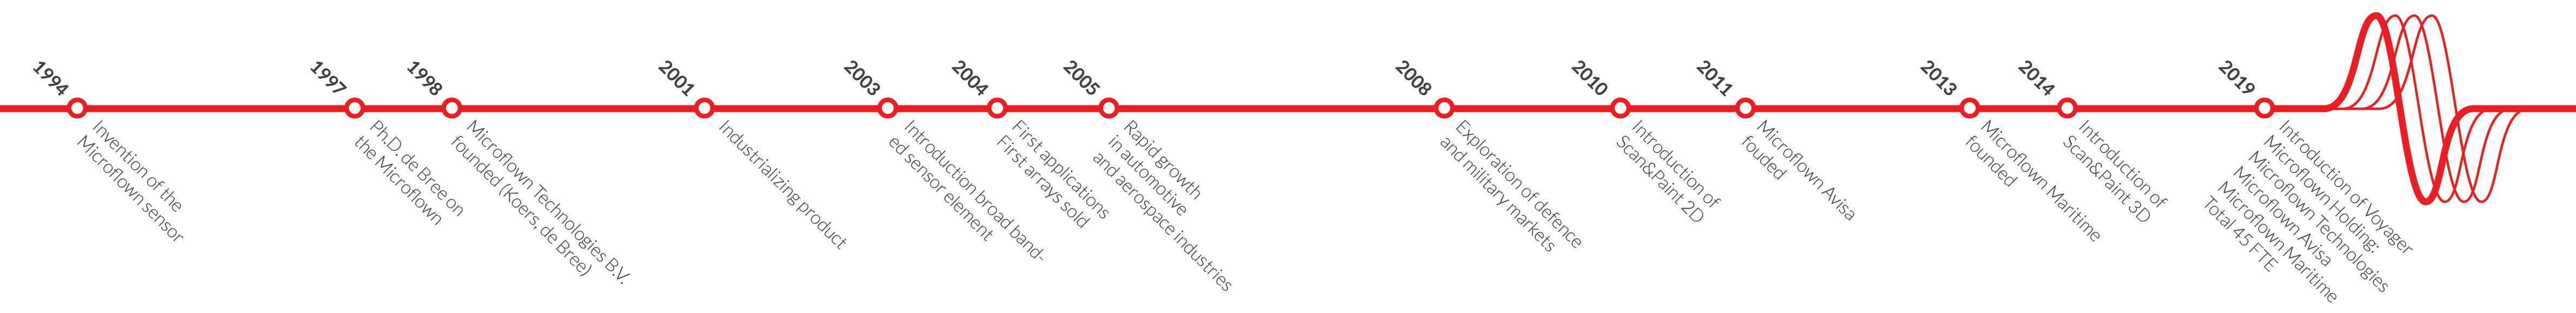 Timeline_MFT.png